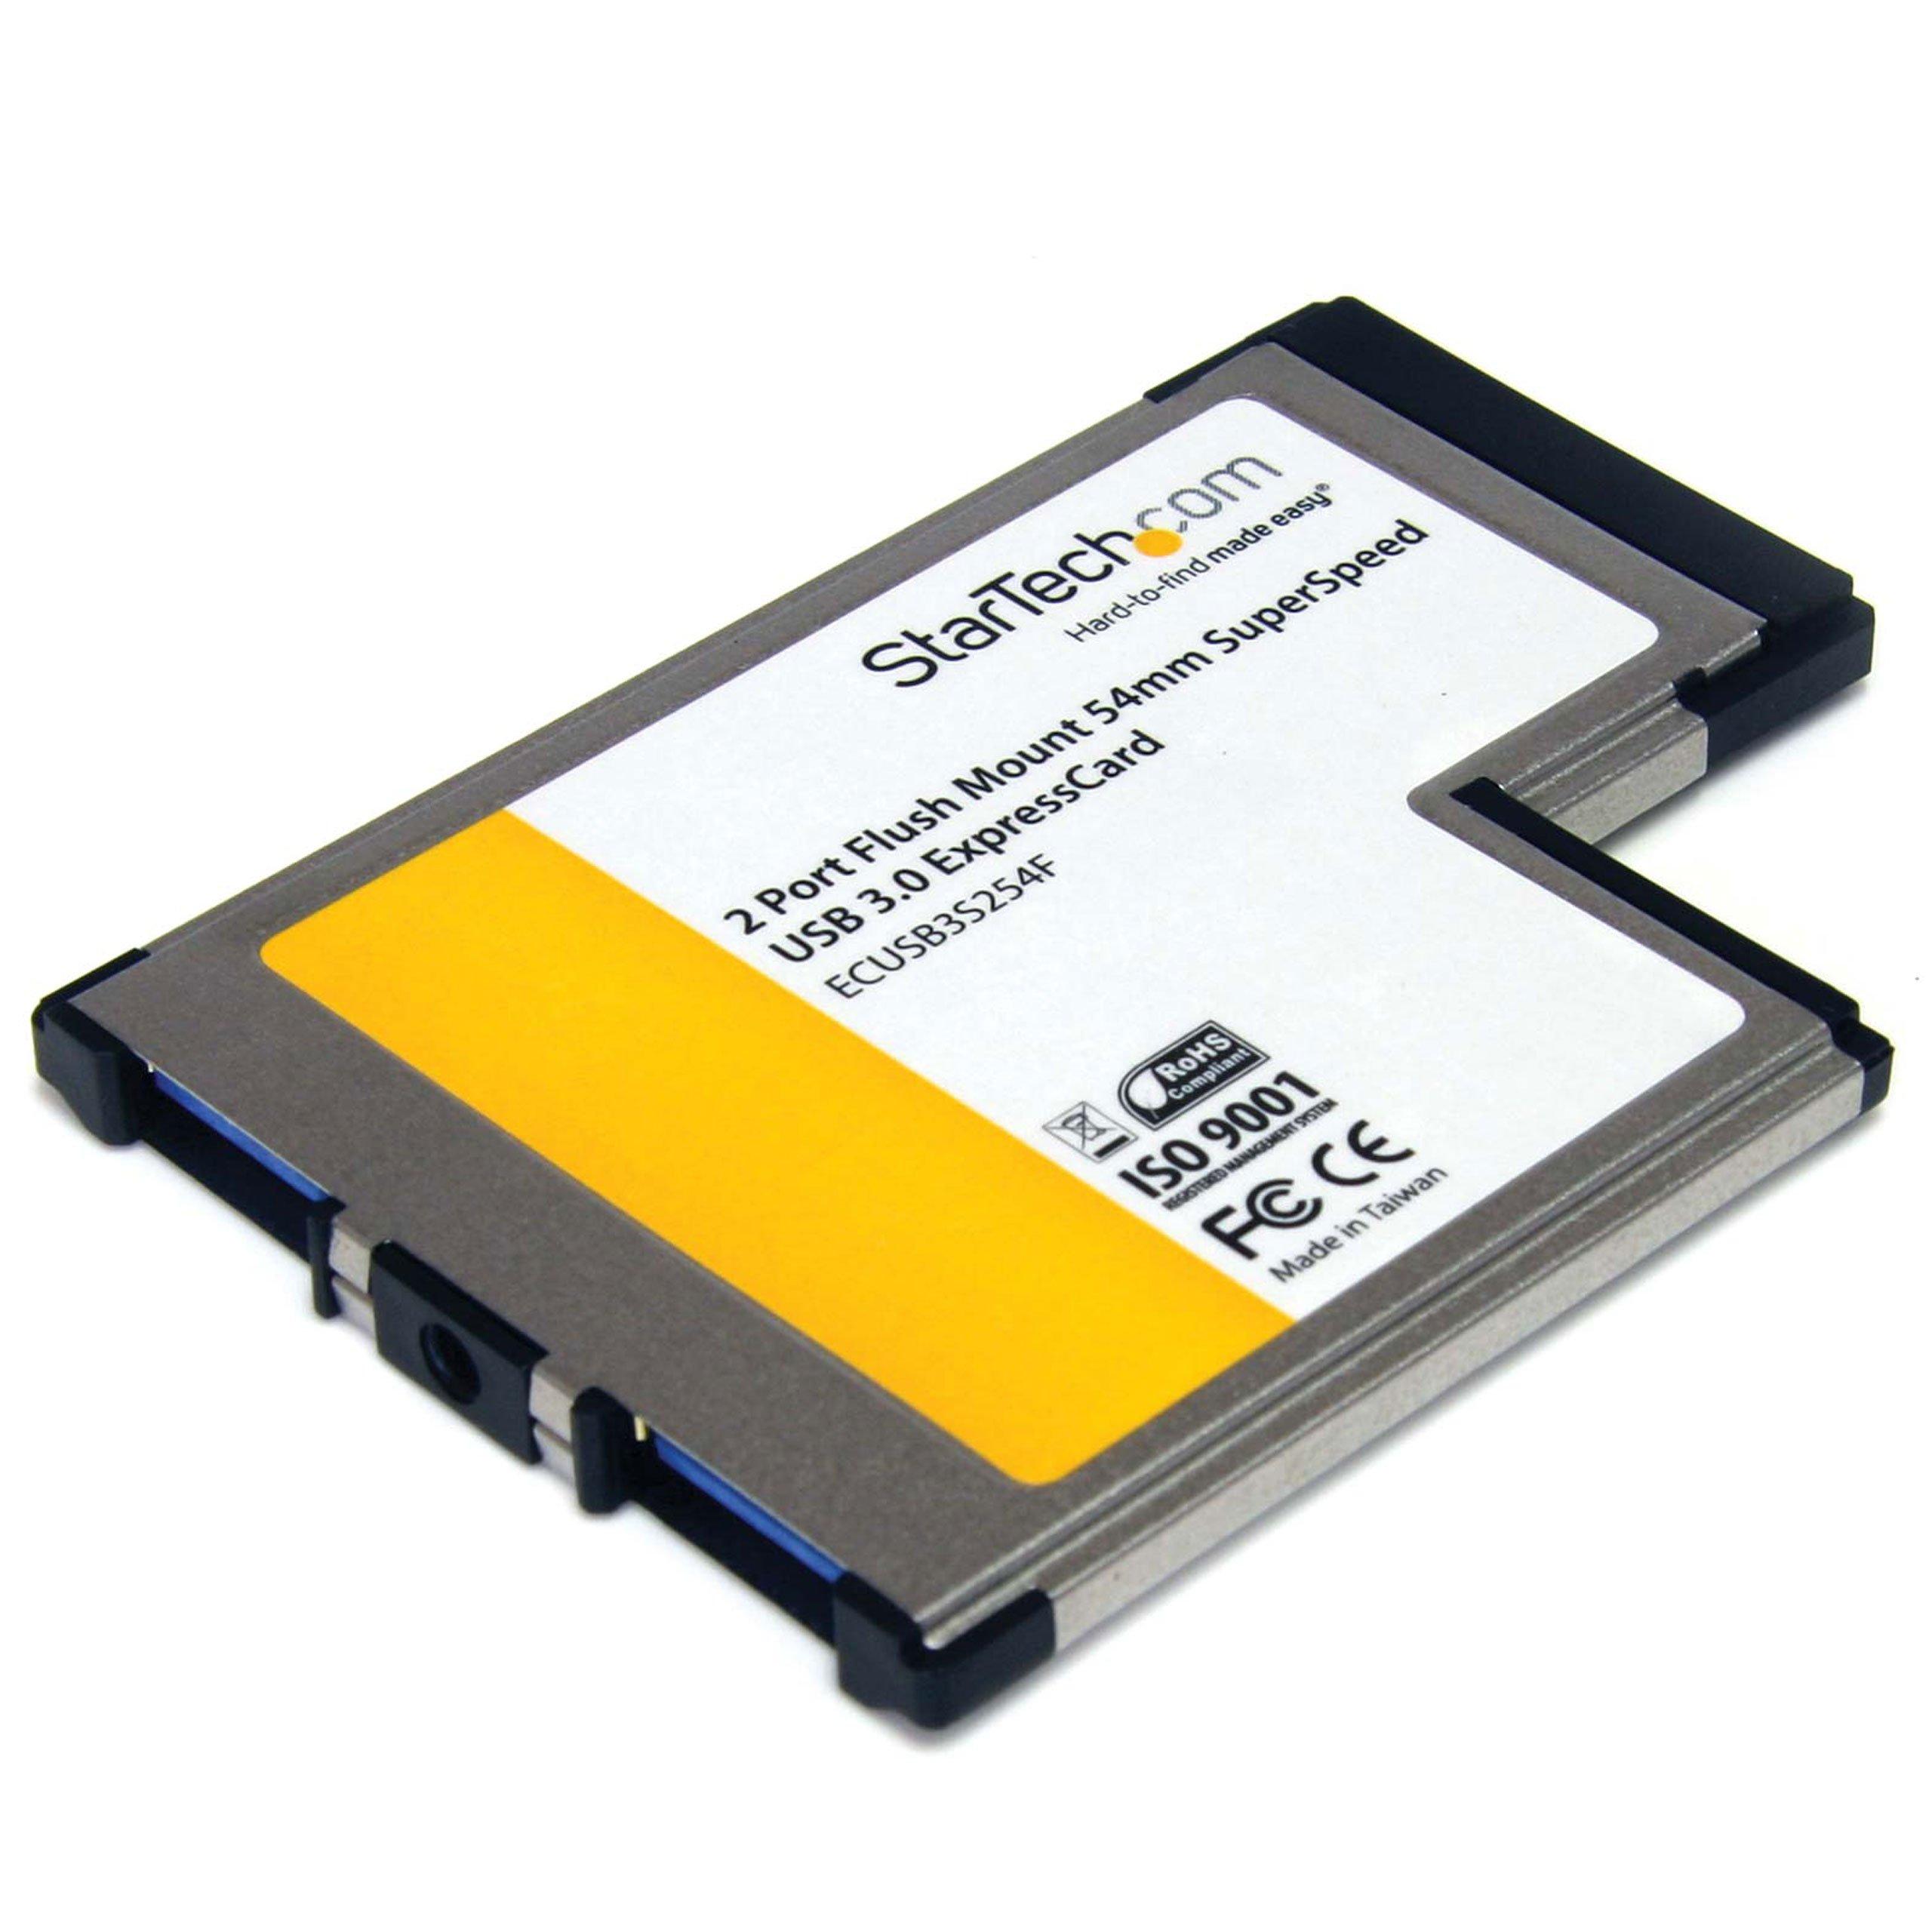 StarTech.com 2-Port Flush Mount ExpressCard 54mm SuperSpeed USB 3.0 Card Adapter (ECUSB3S254F)